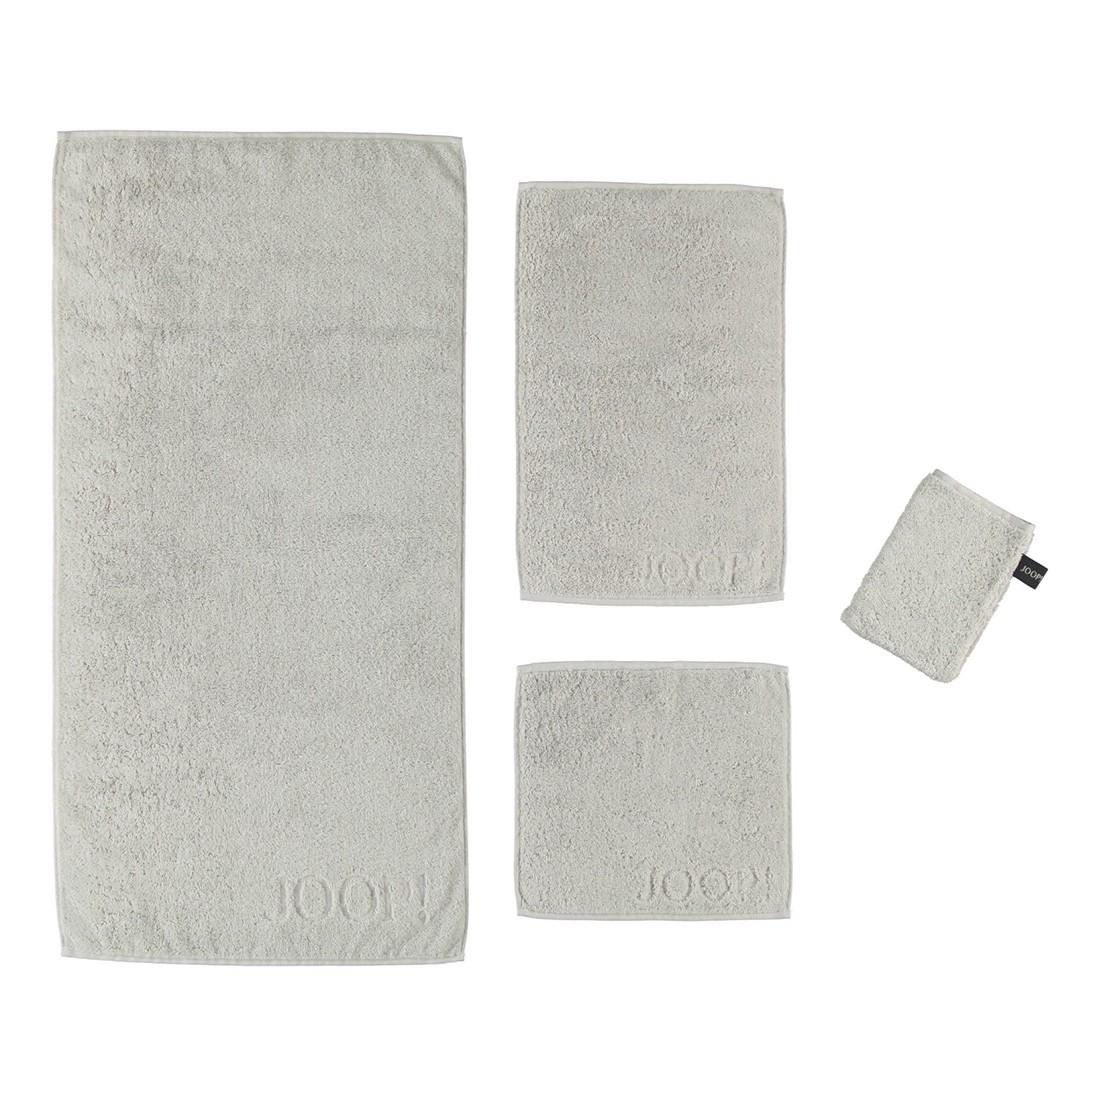 Handtuch Basic – 100% Baumwolle Silber – 755 – Seiflappen: 30 x 30 cm, Joop jetzt bestellen